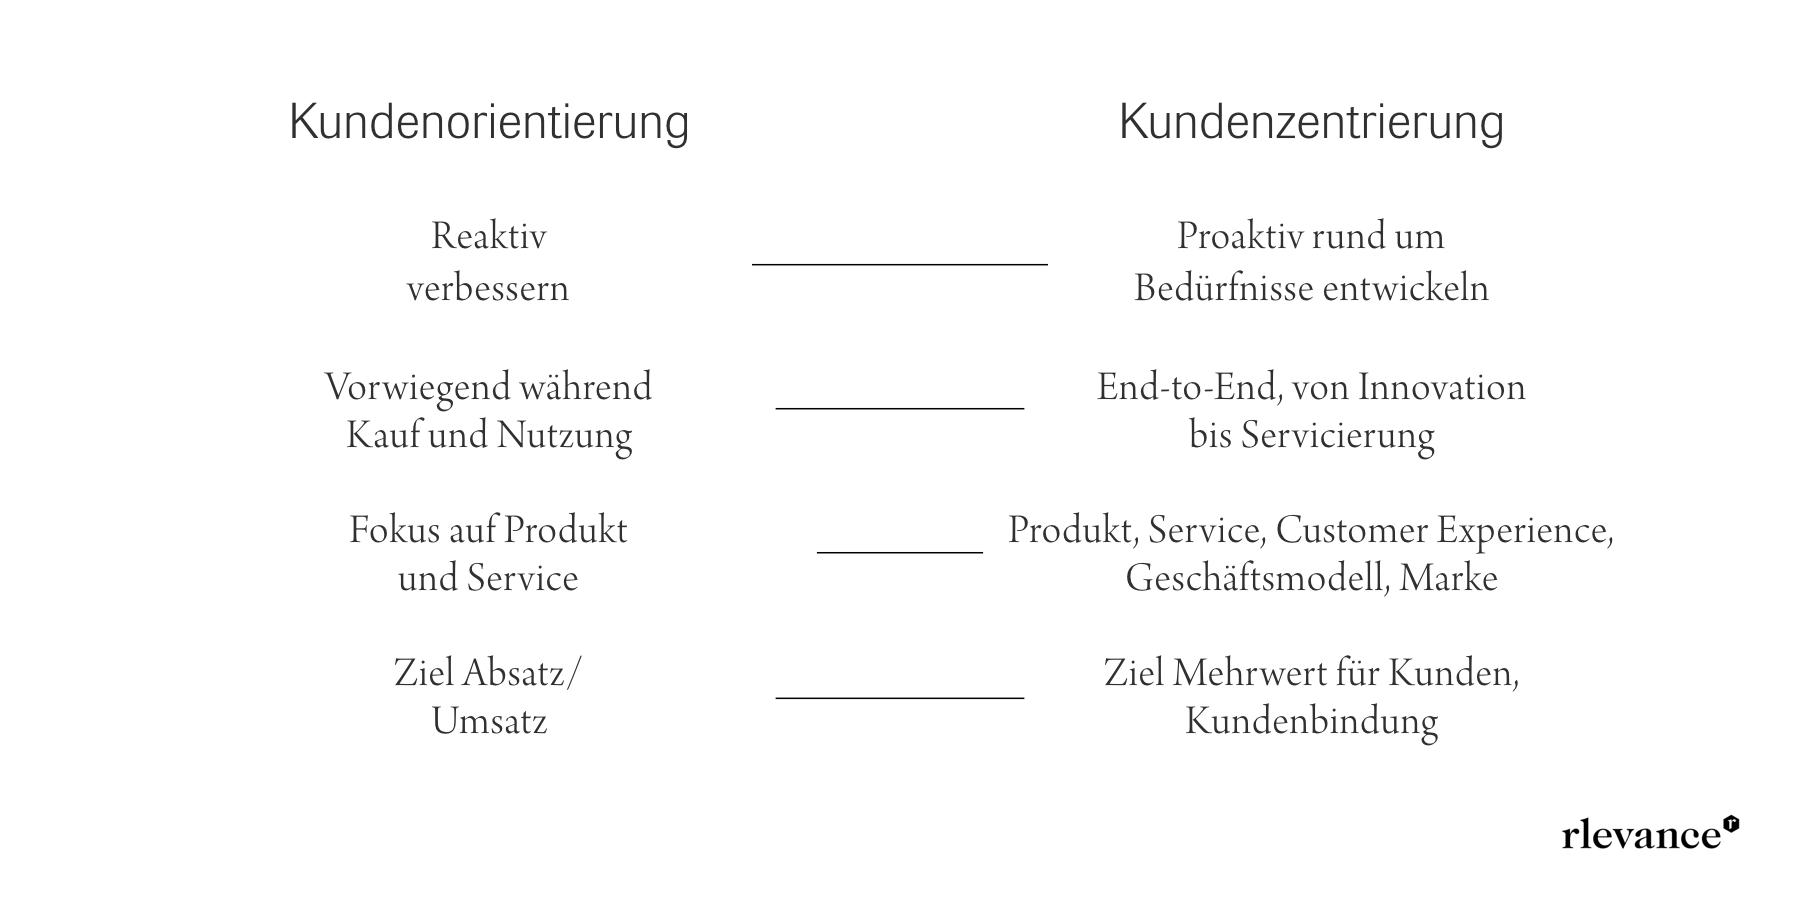 Kundenorientierung vs Kundenzentrierung